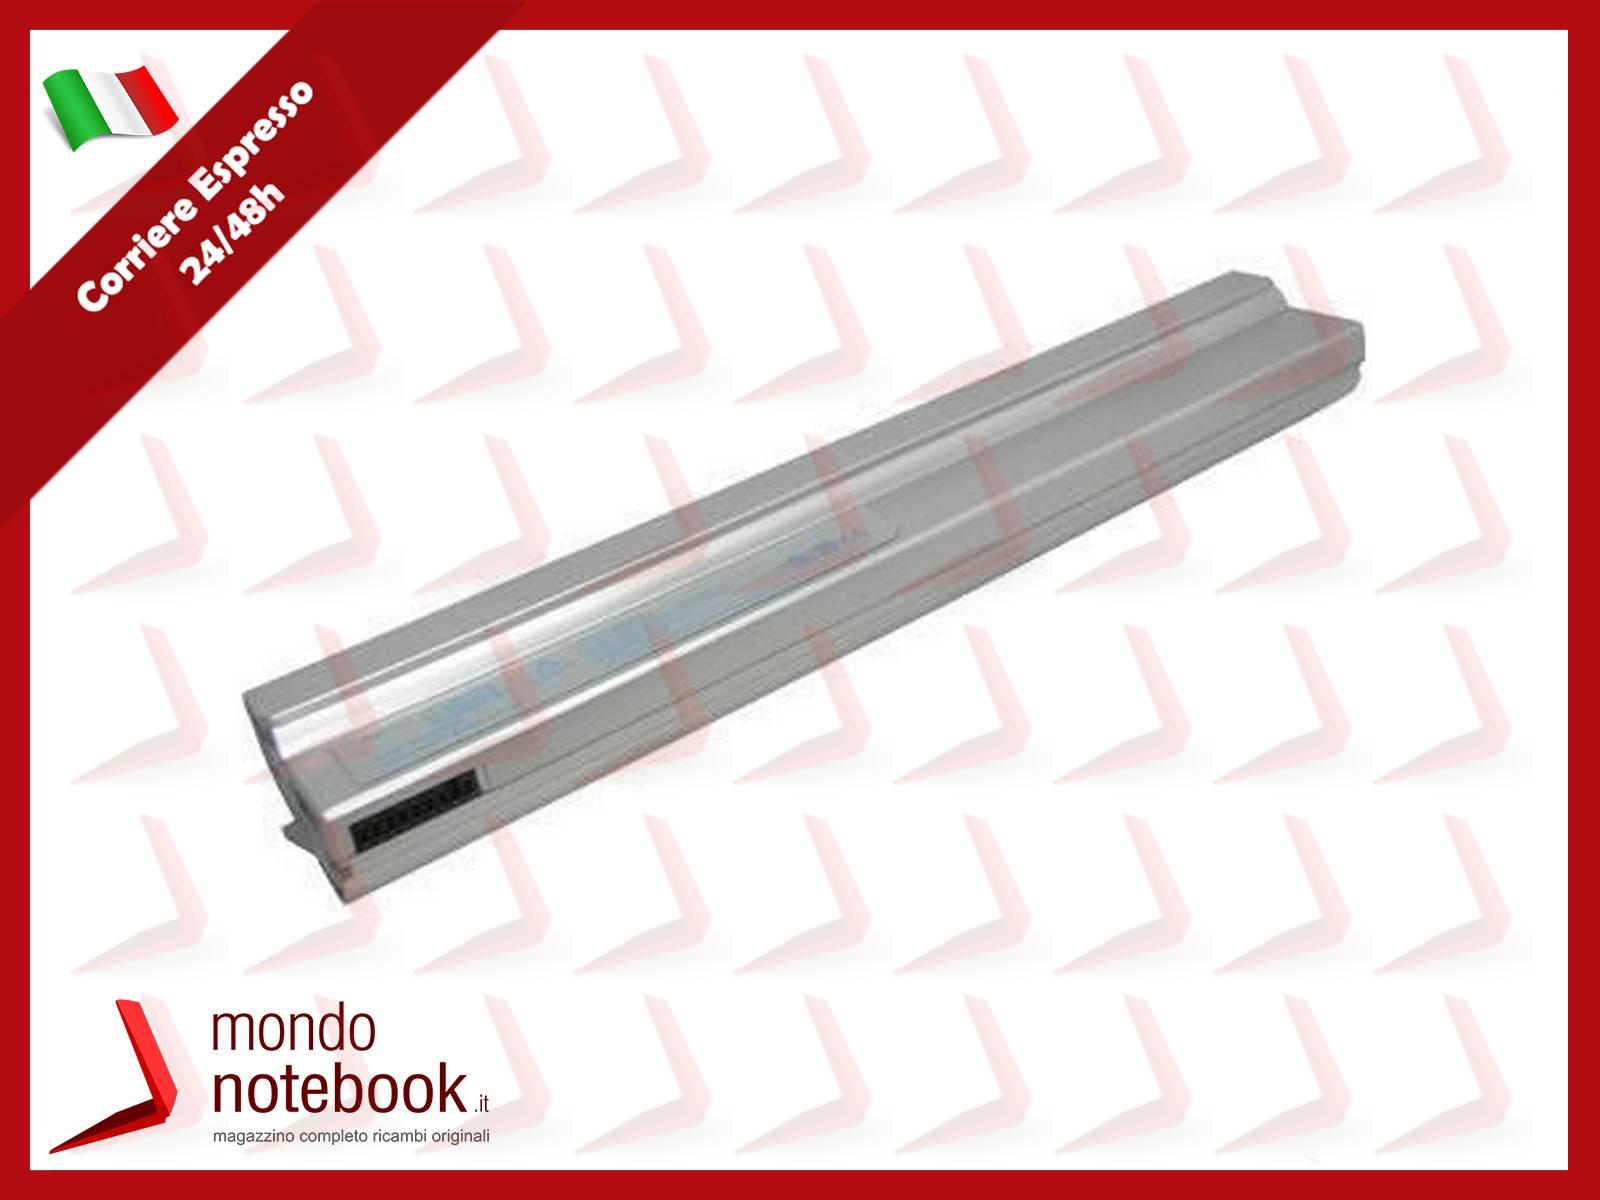 tastiera-notebook-dell-vostro-15-5000-5568-retroilluminata-con-adesivi-layout-ita